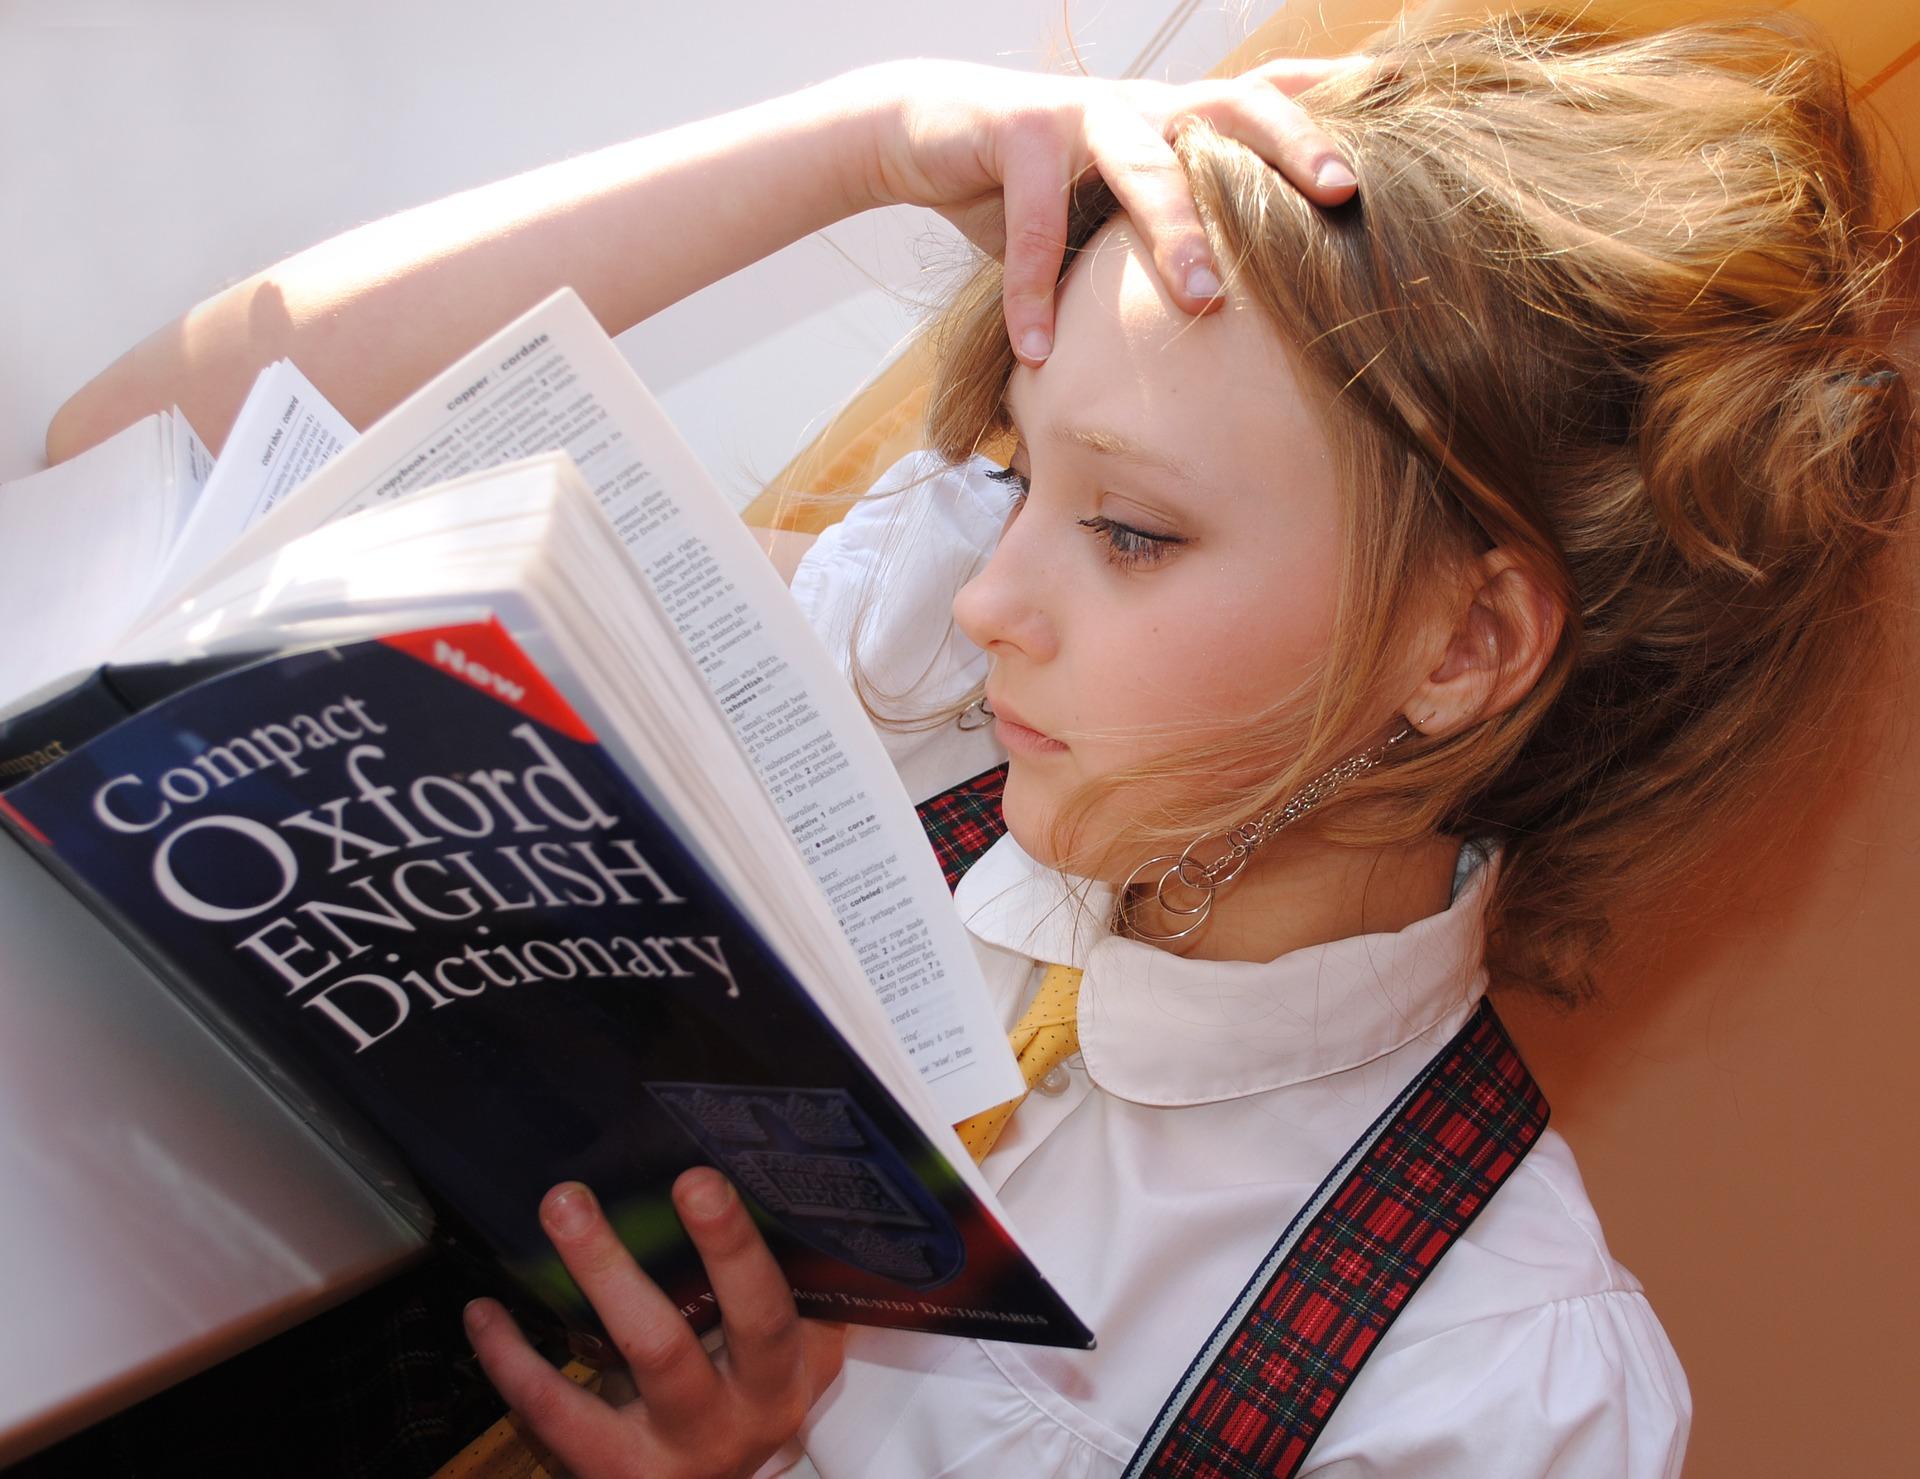 סטודנטית לומדת אנגלית